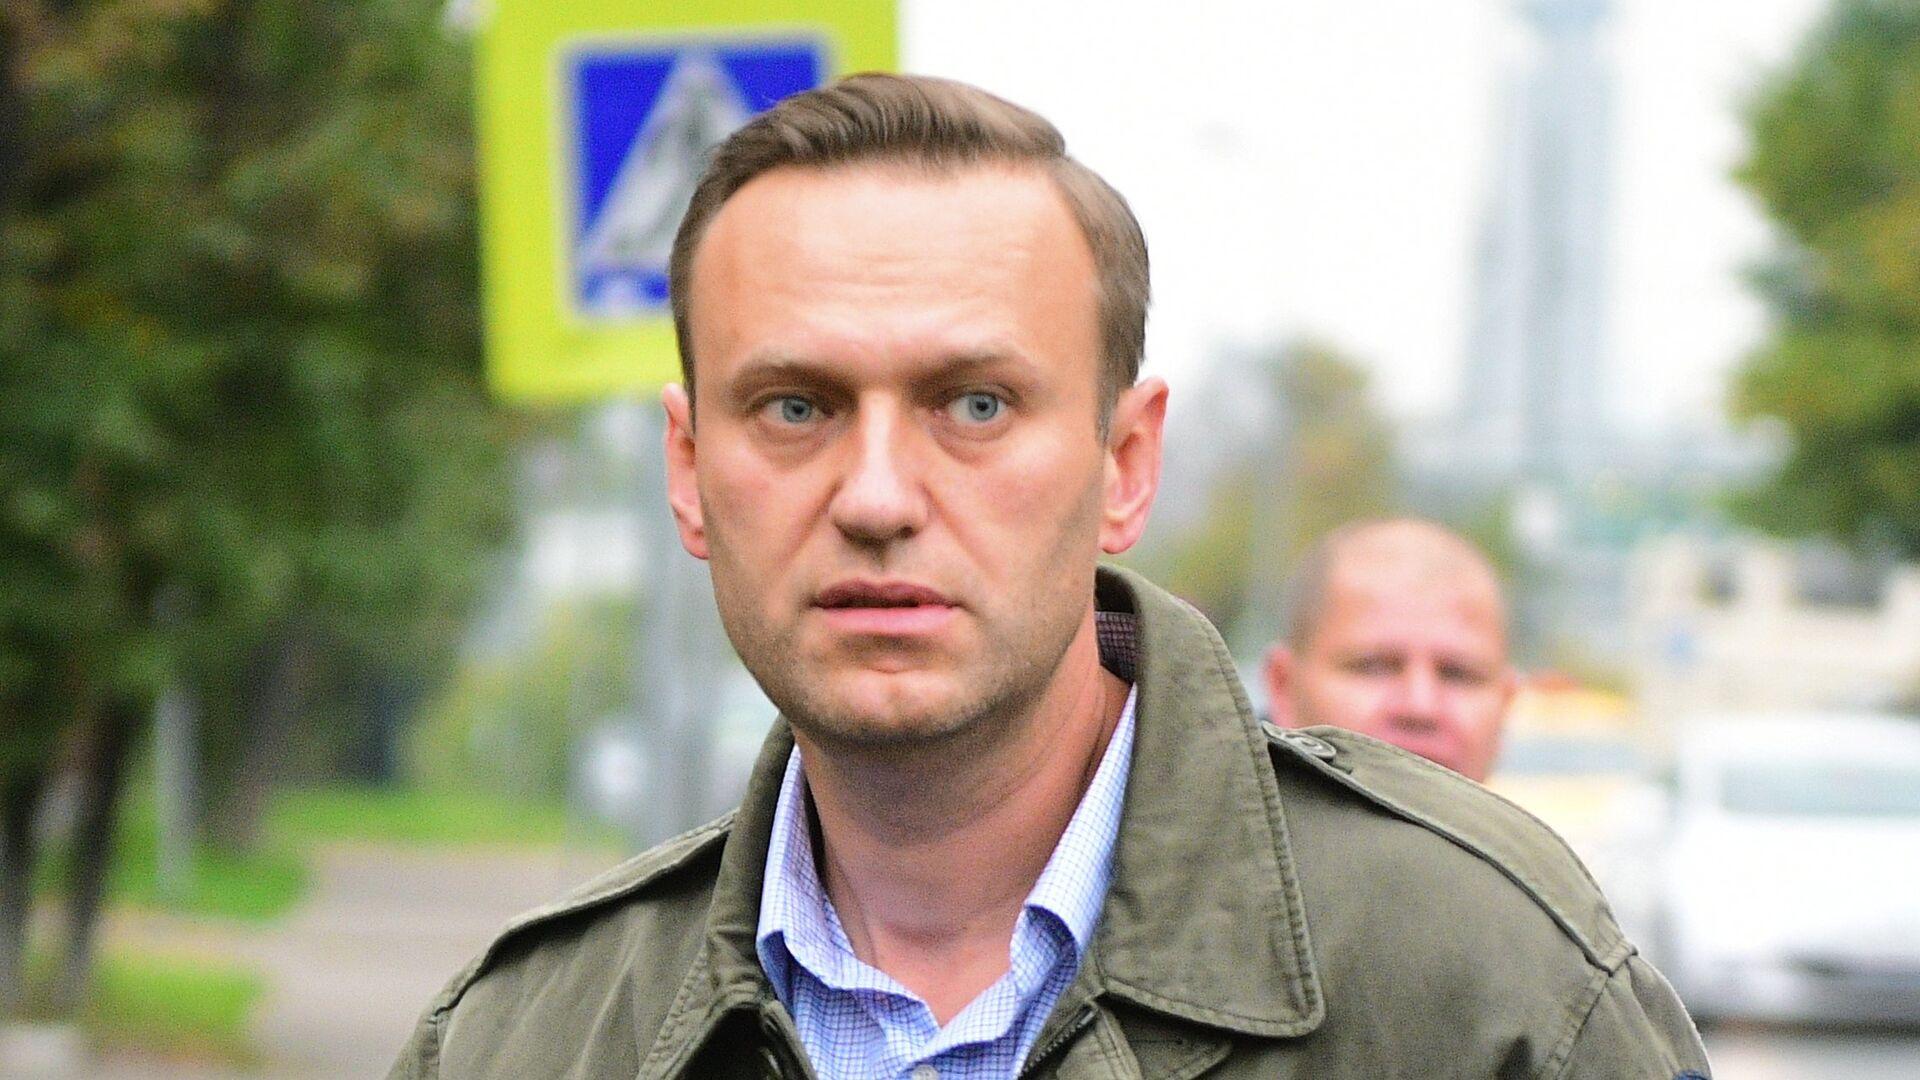 Алексей Навальный у здания Симоновского районного суда Москвы. 2 октября 2017 - РИА Новости, 1920, 23.11.2020